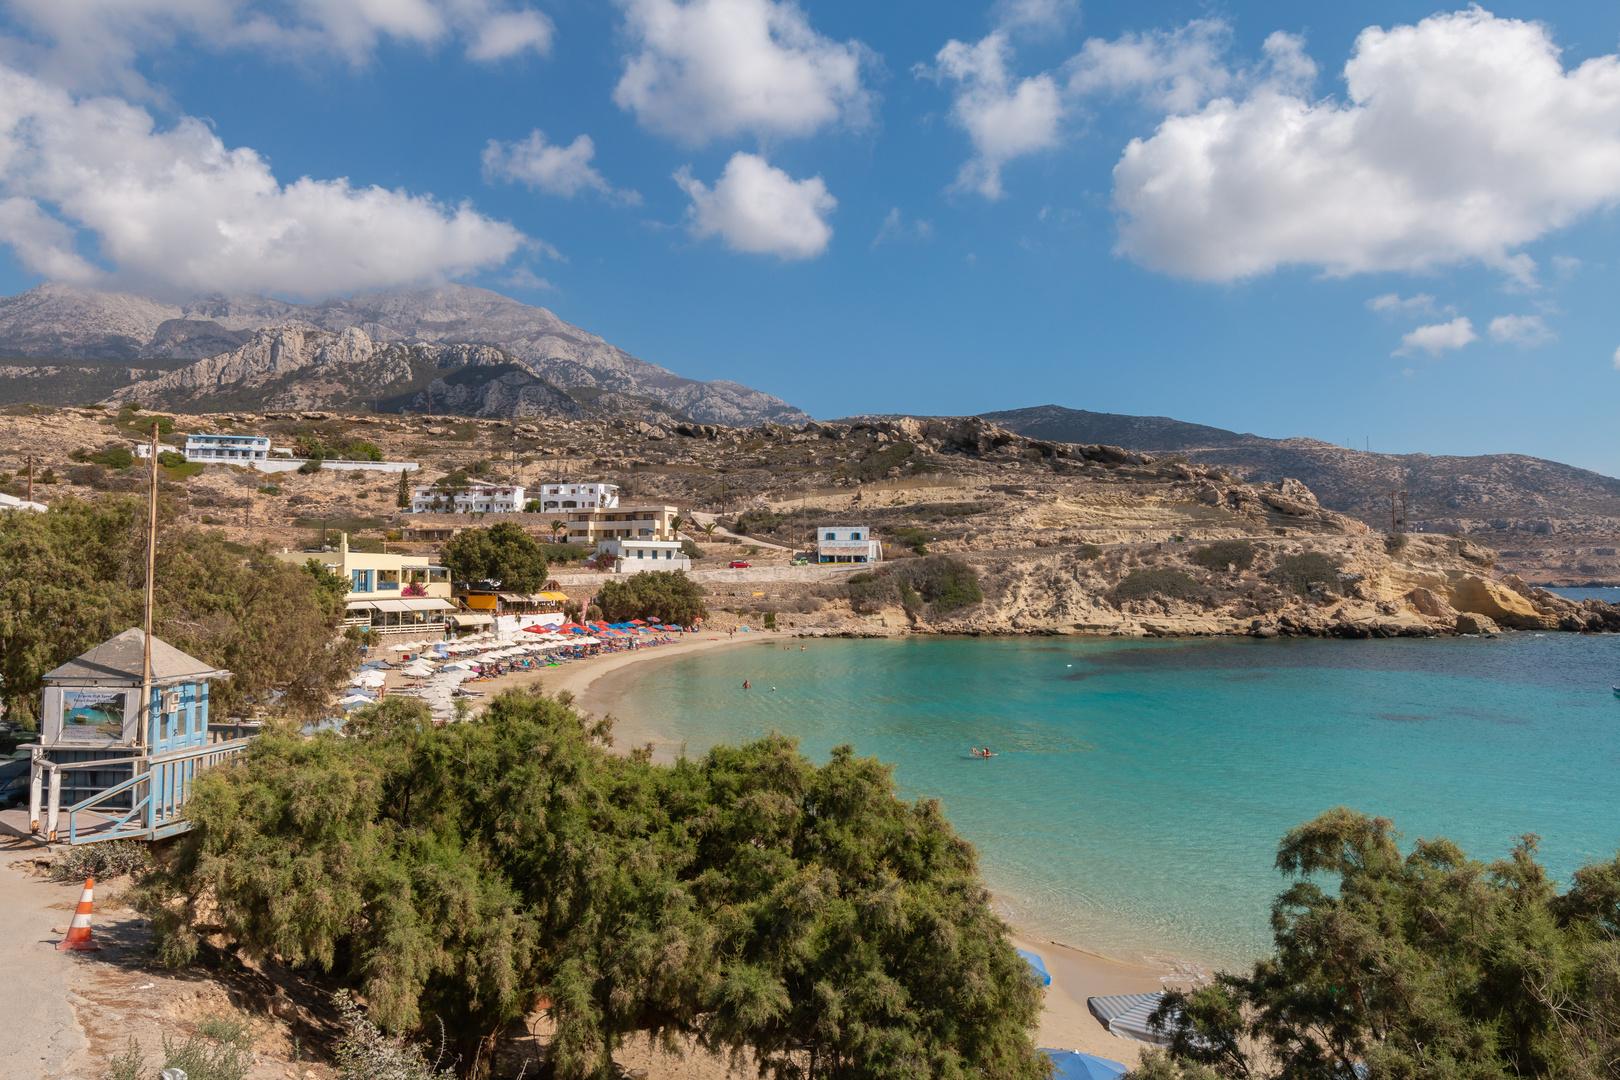 Lefkos auf der Insel Karpathos